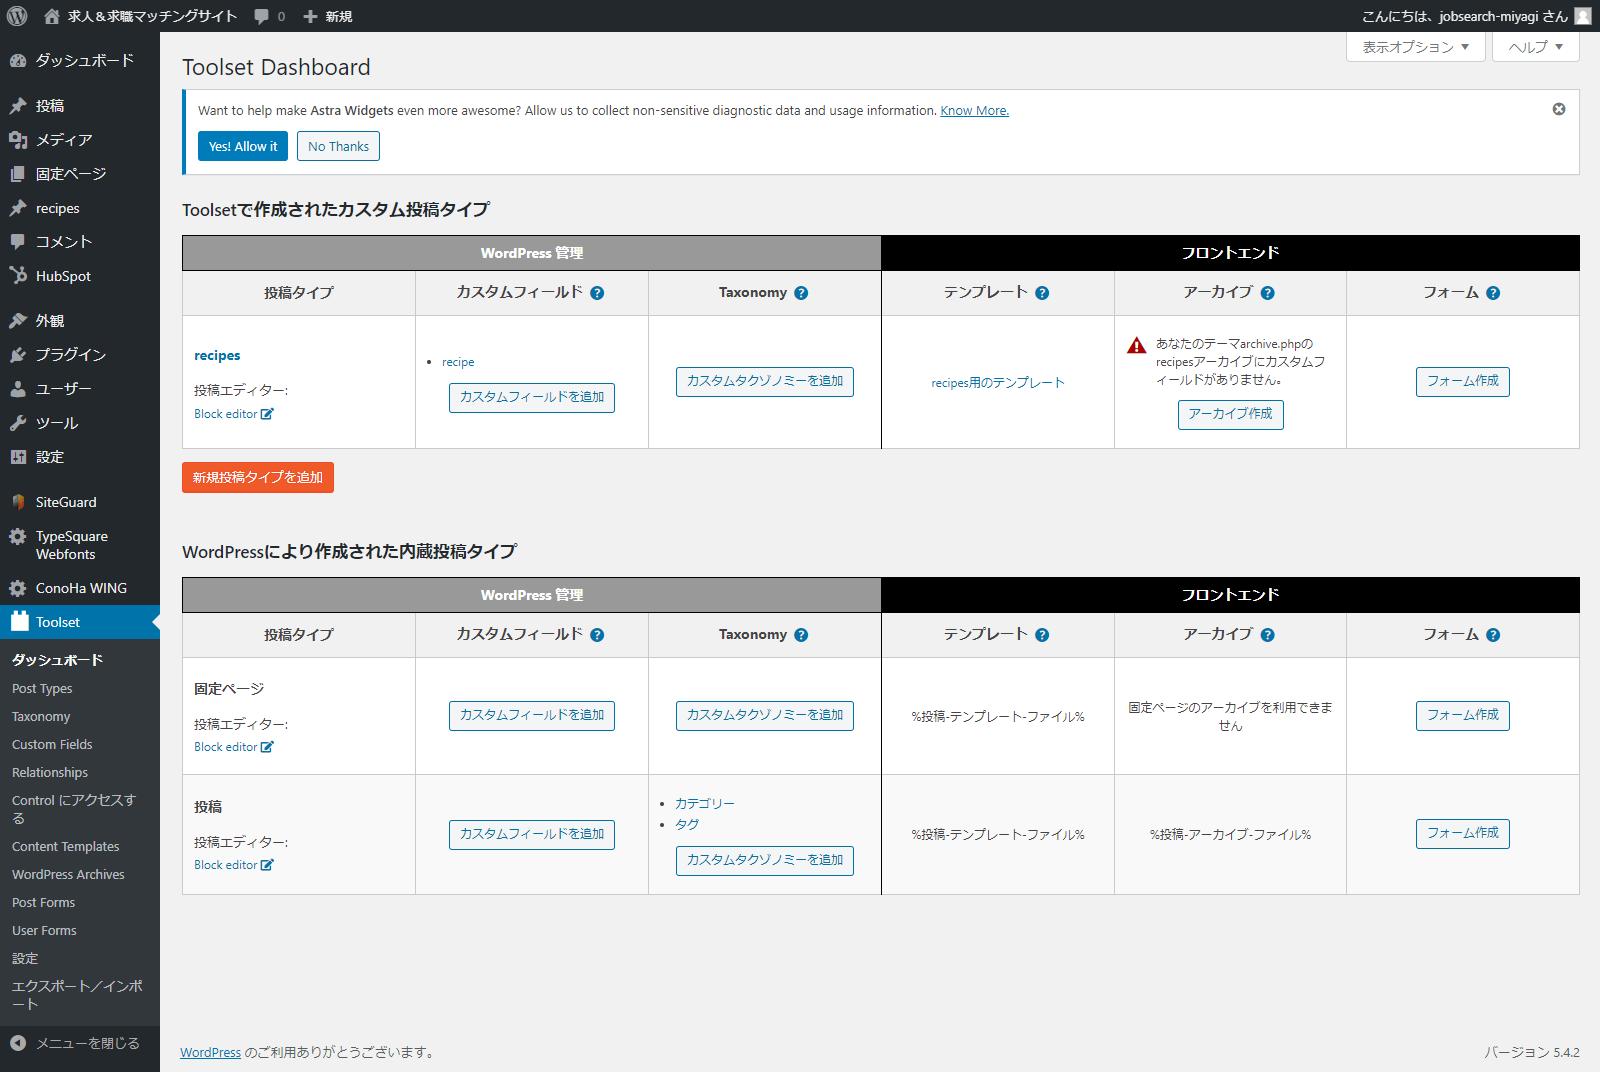 screencapture-jobsearch-miyagi-wp-admin-admin-php-2020-06-23-21_16_47.png